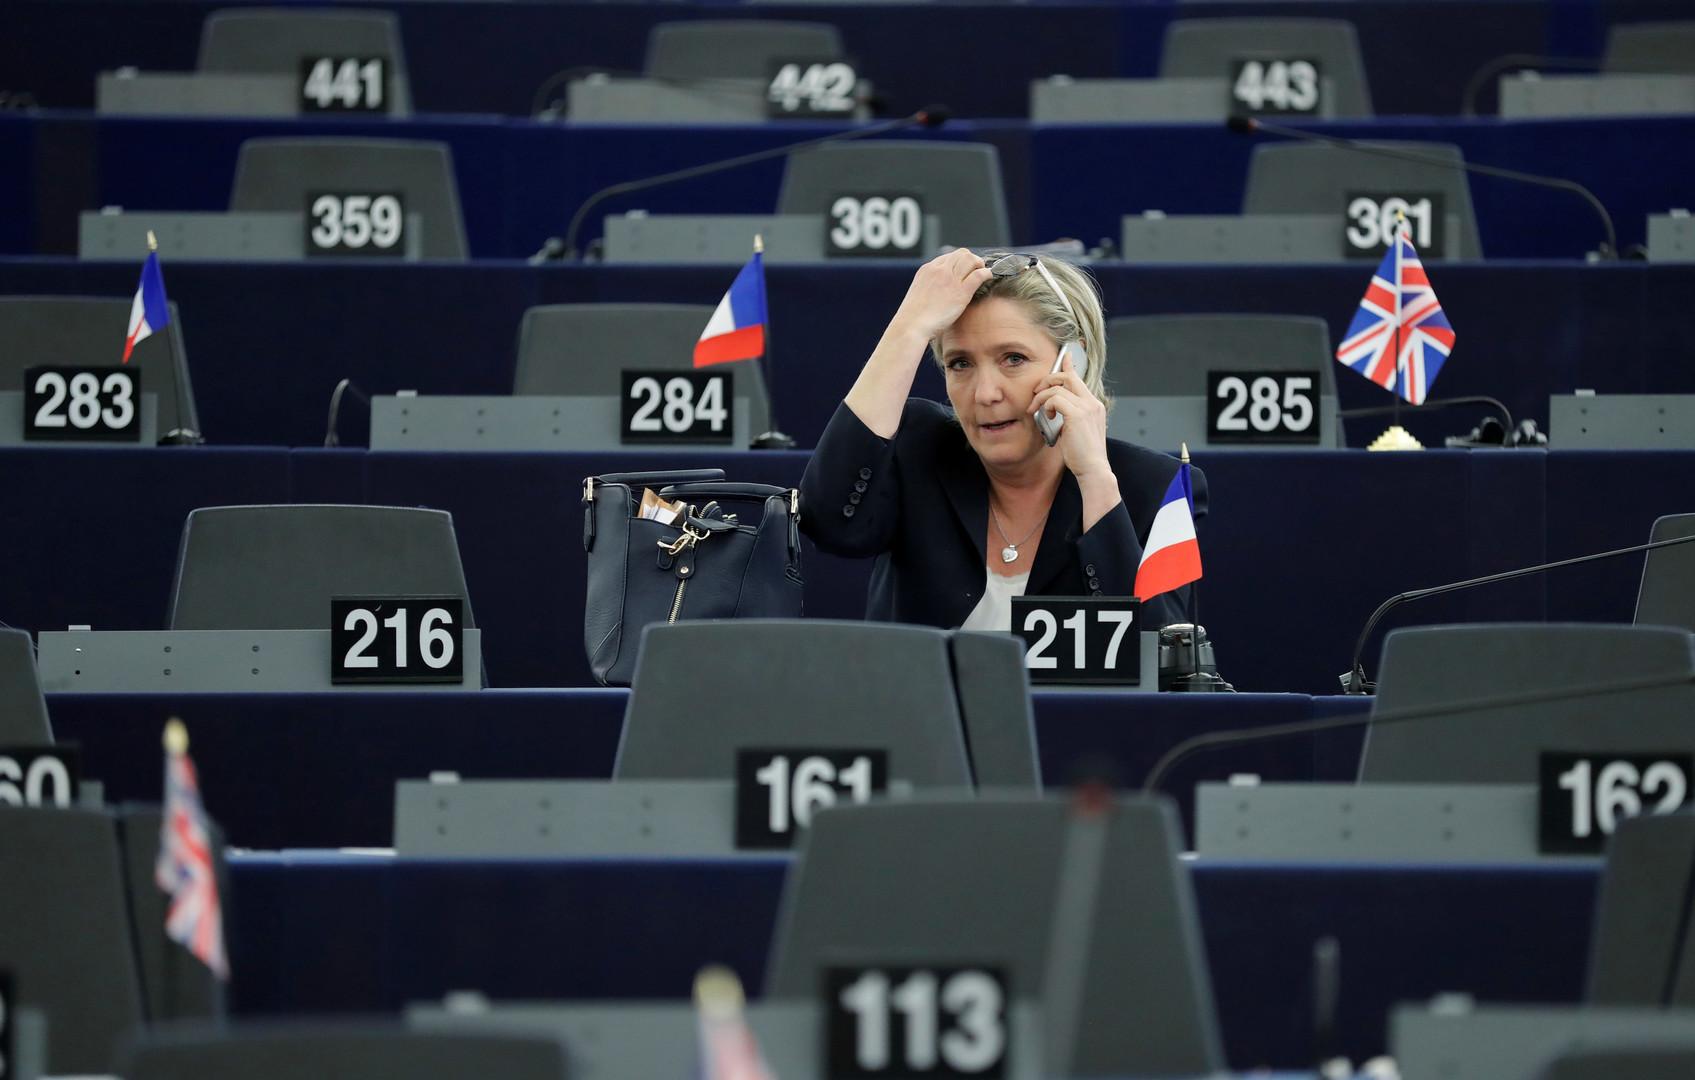 Удар по иммунитету: Марин Ле Пен могут лишить депутатской неприкосновенности